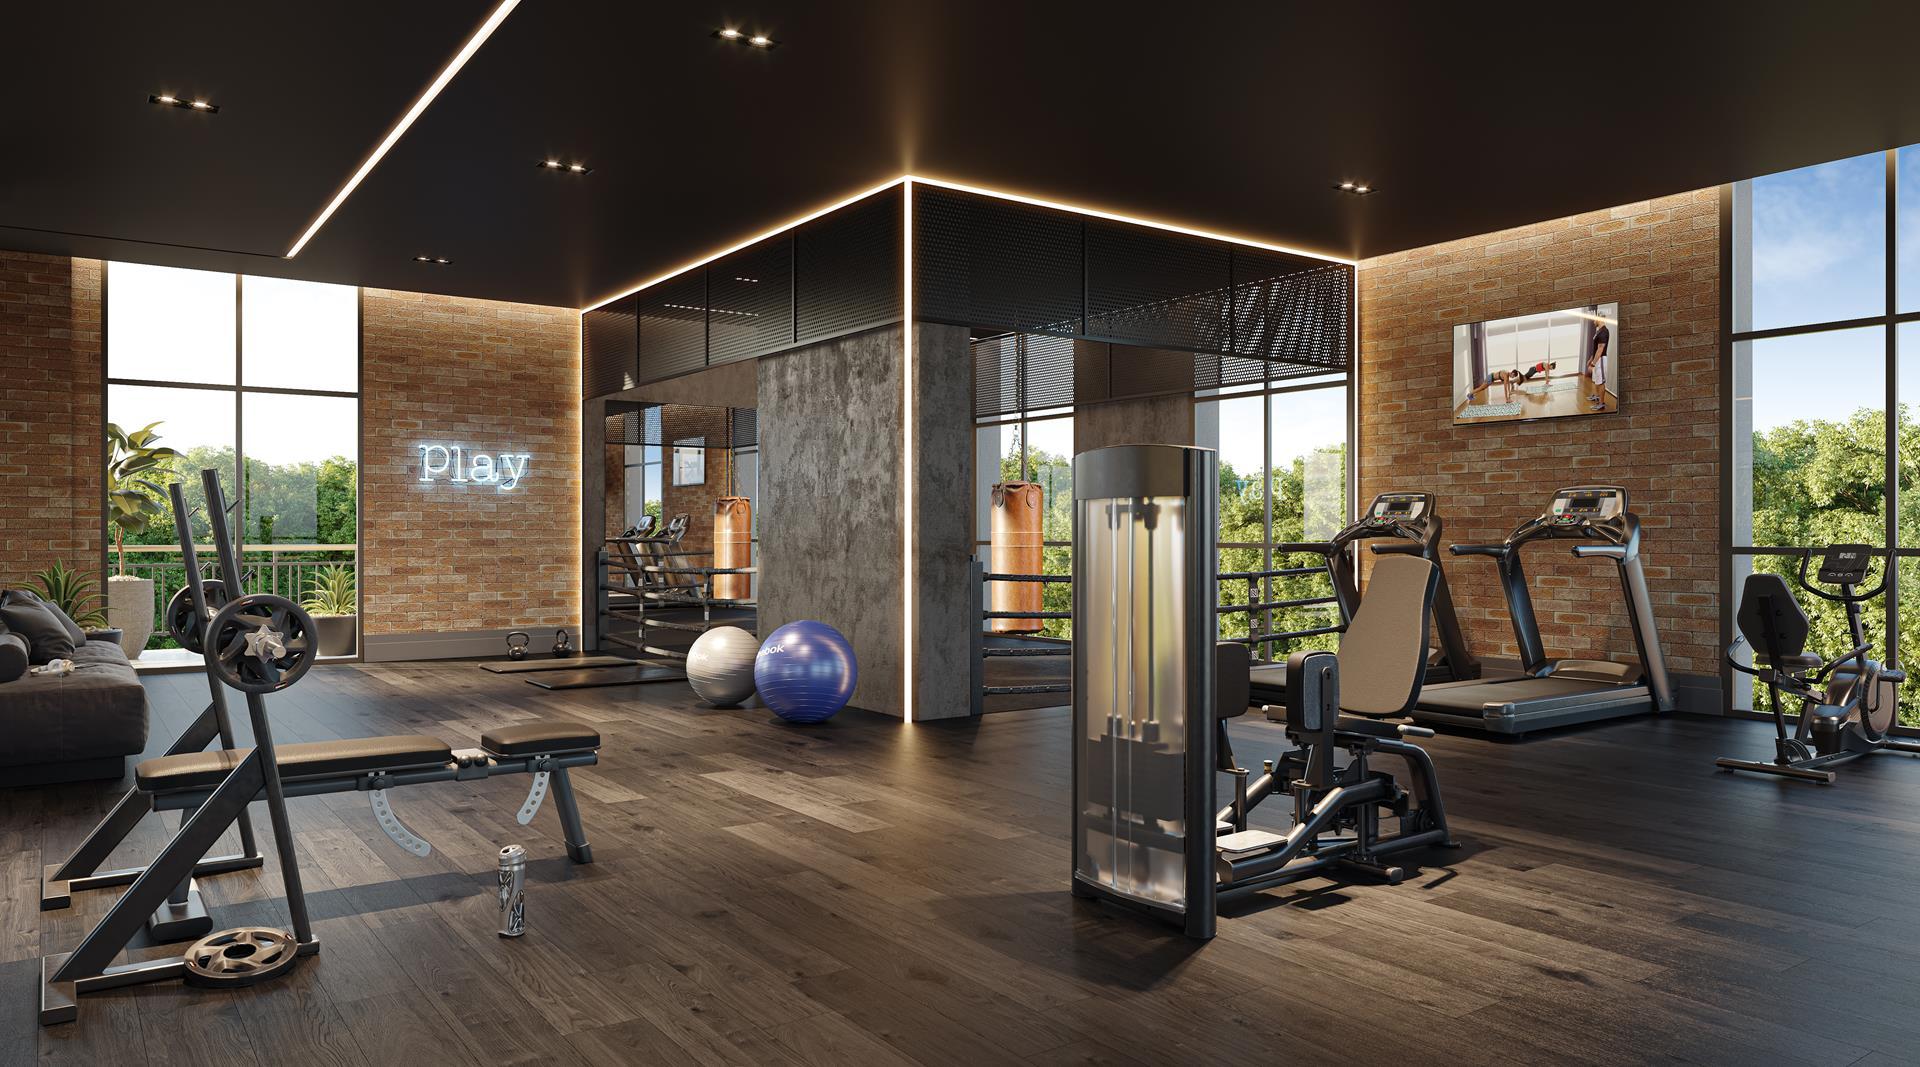 Fitness Center com espaço para lutas